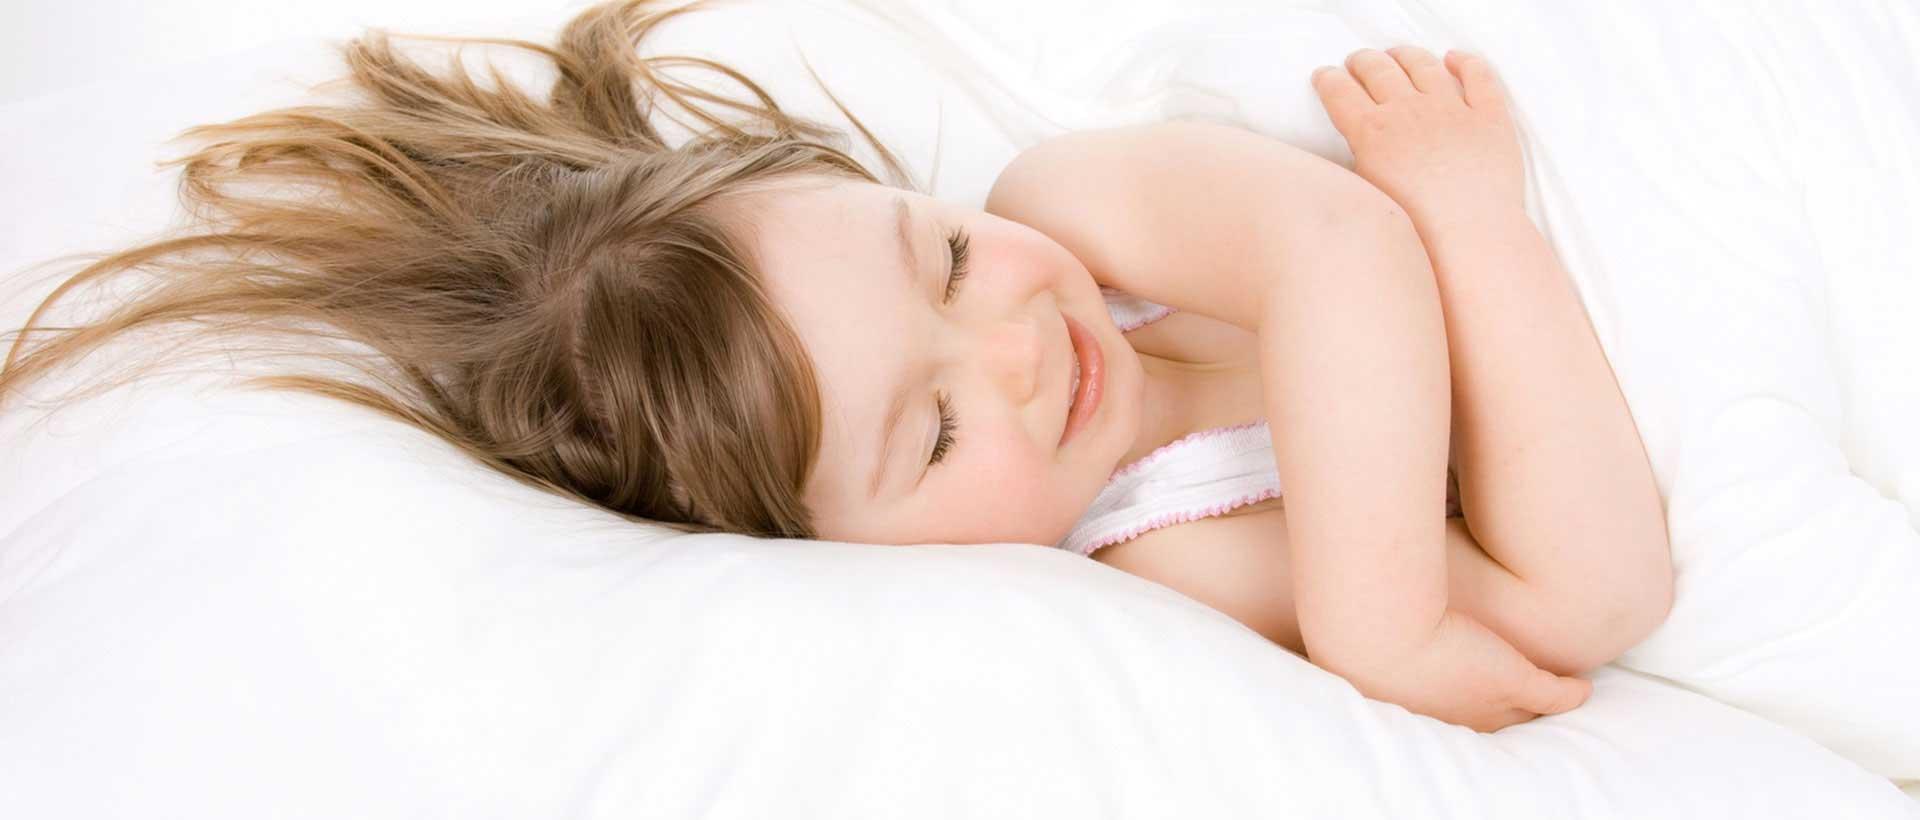 Riesgos de dormir en un colch n inadecuado - Precios de somieres y colchones ...